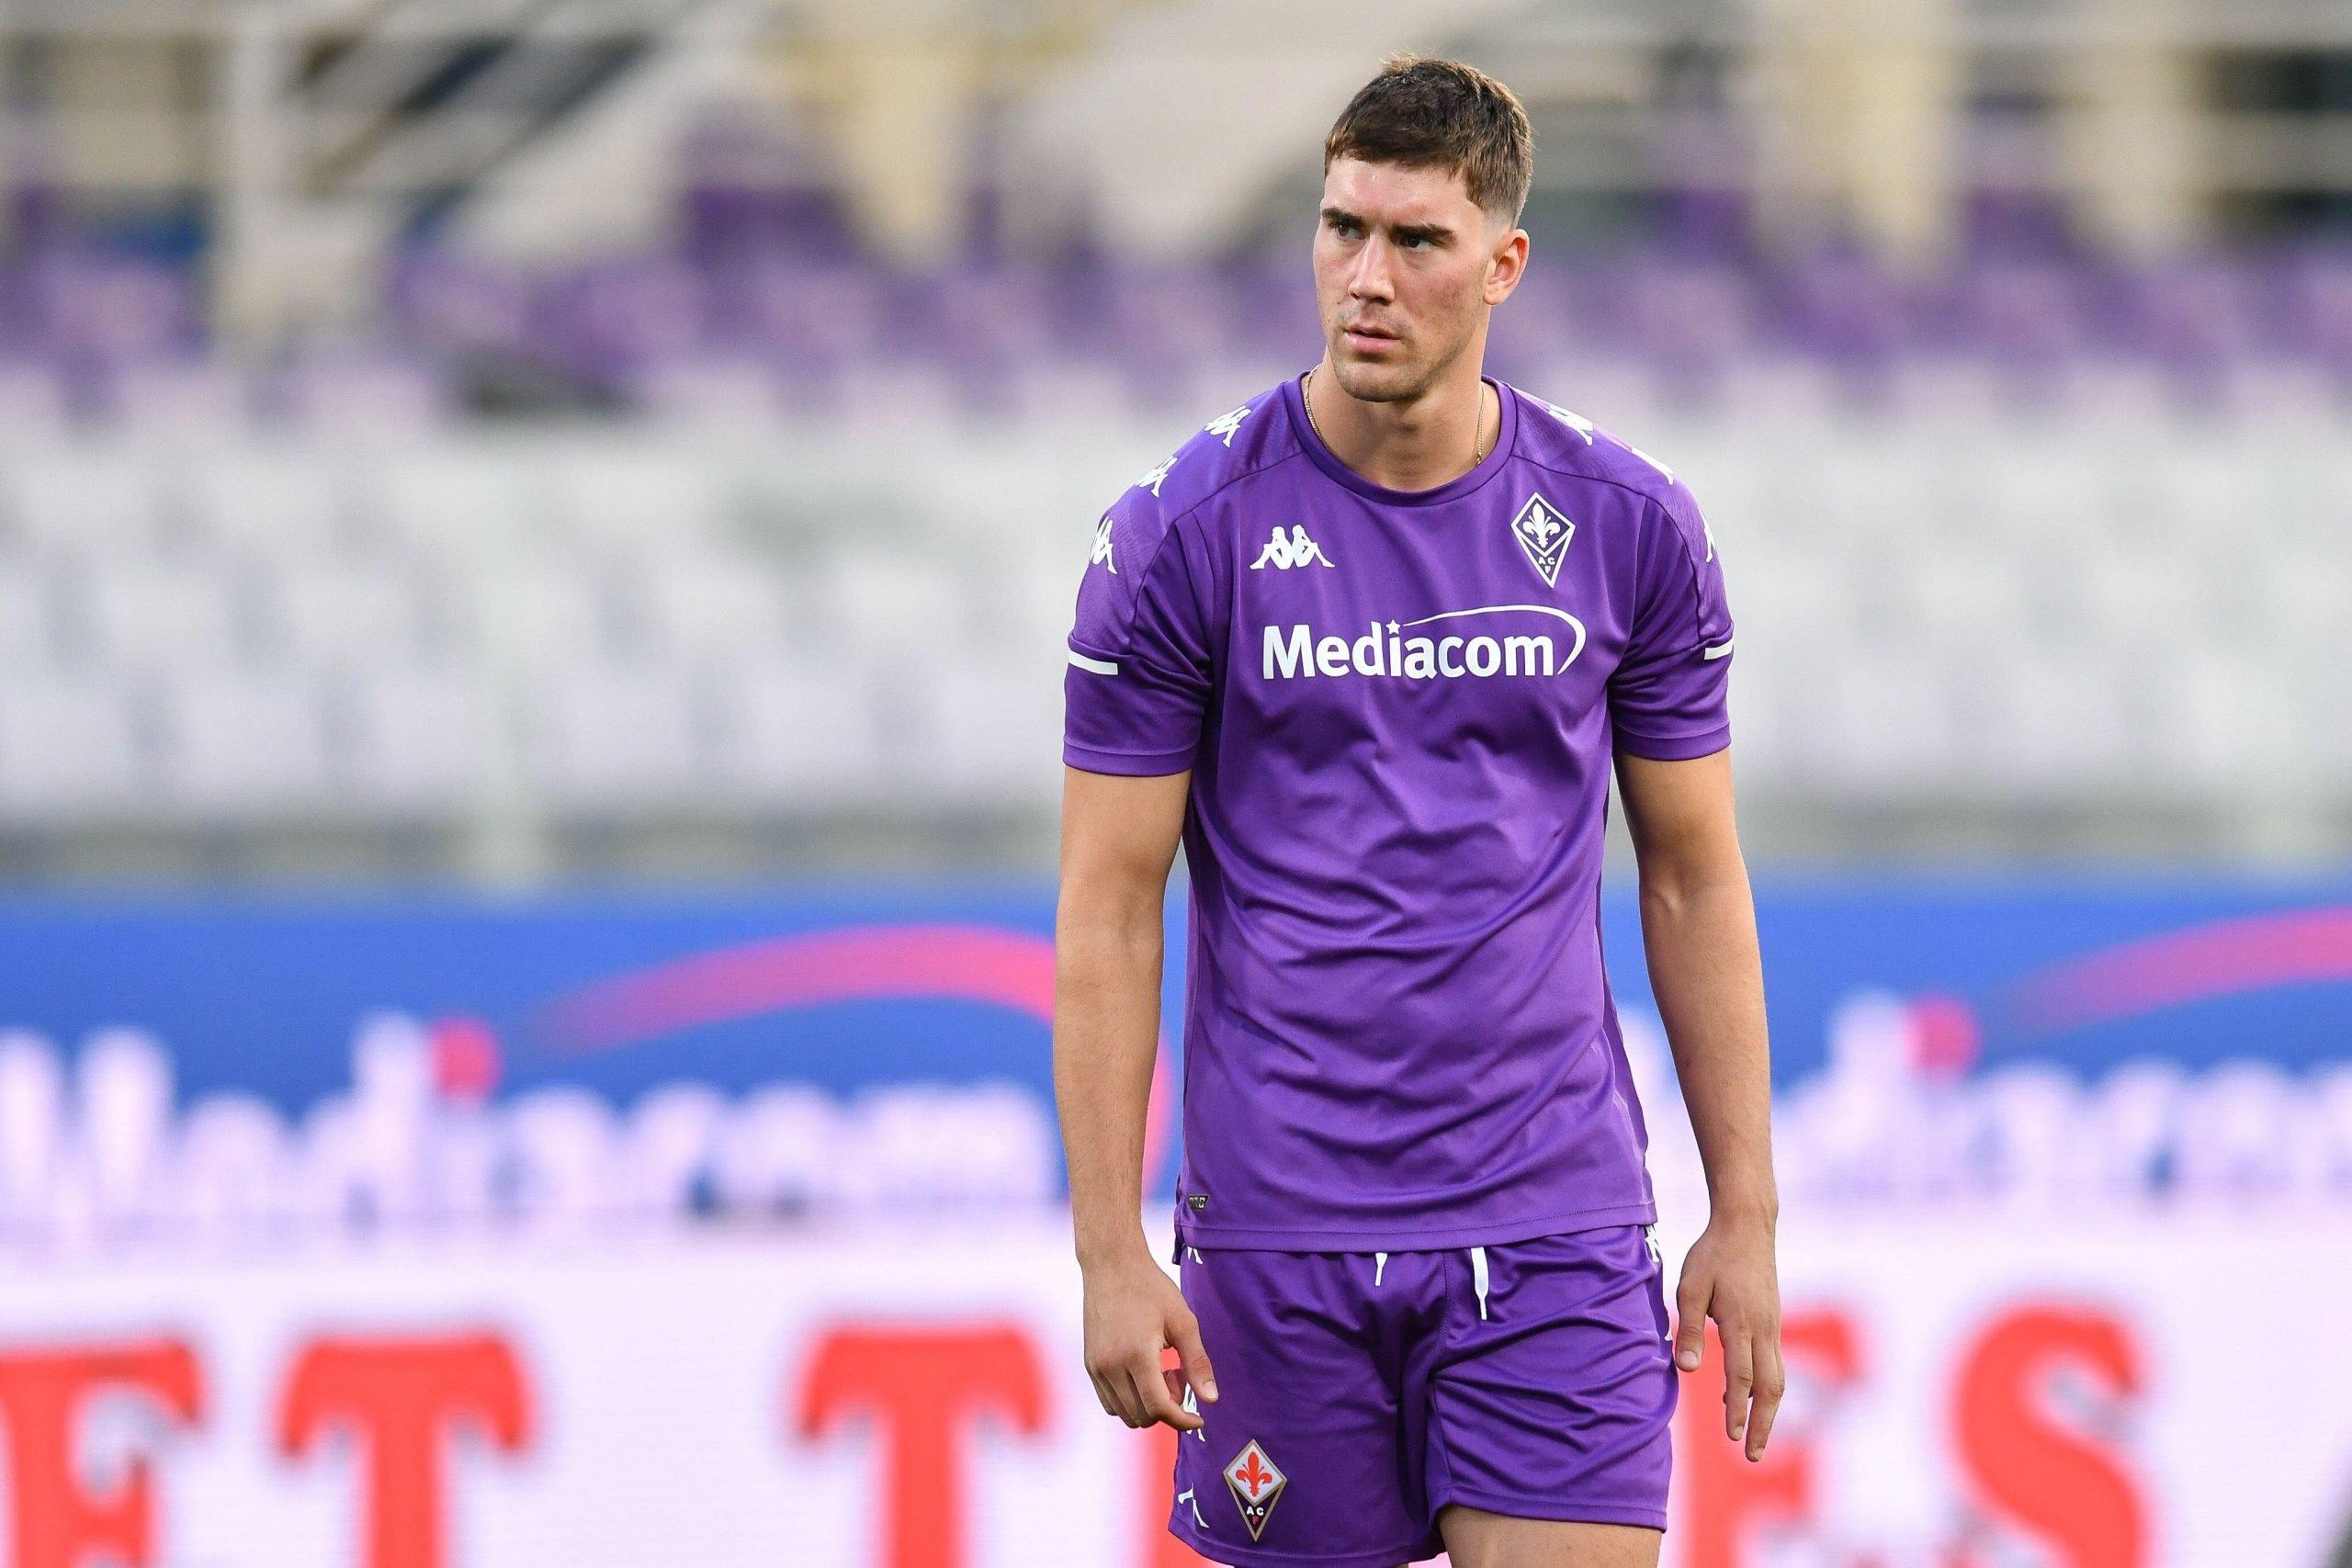 Fiorentina Milan speltips stream